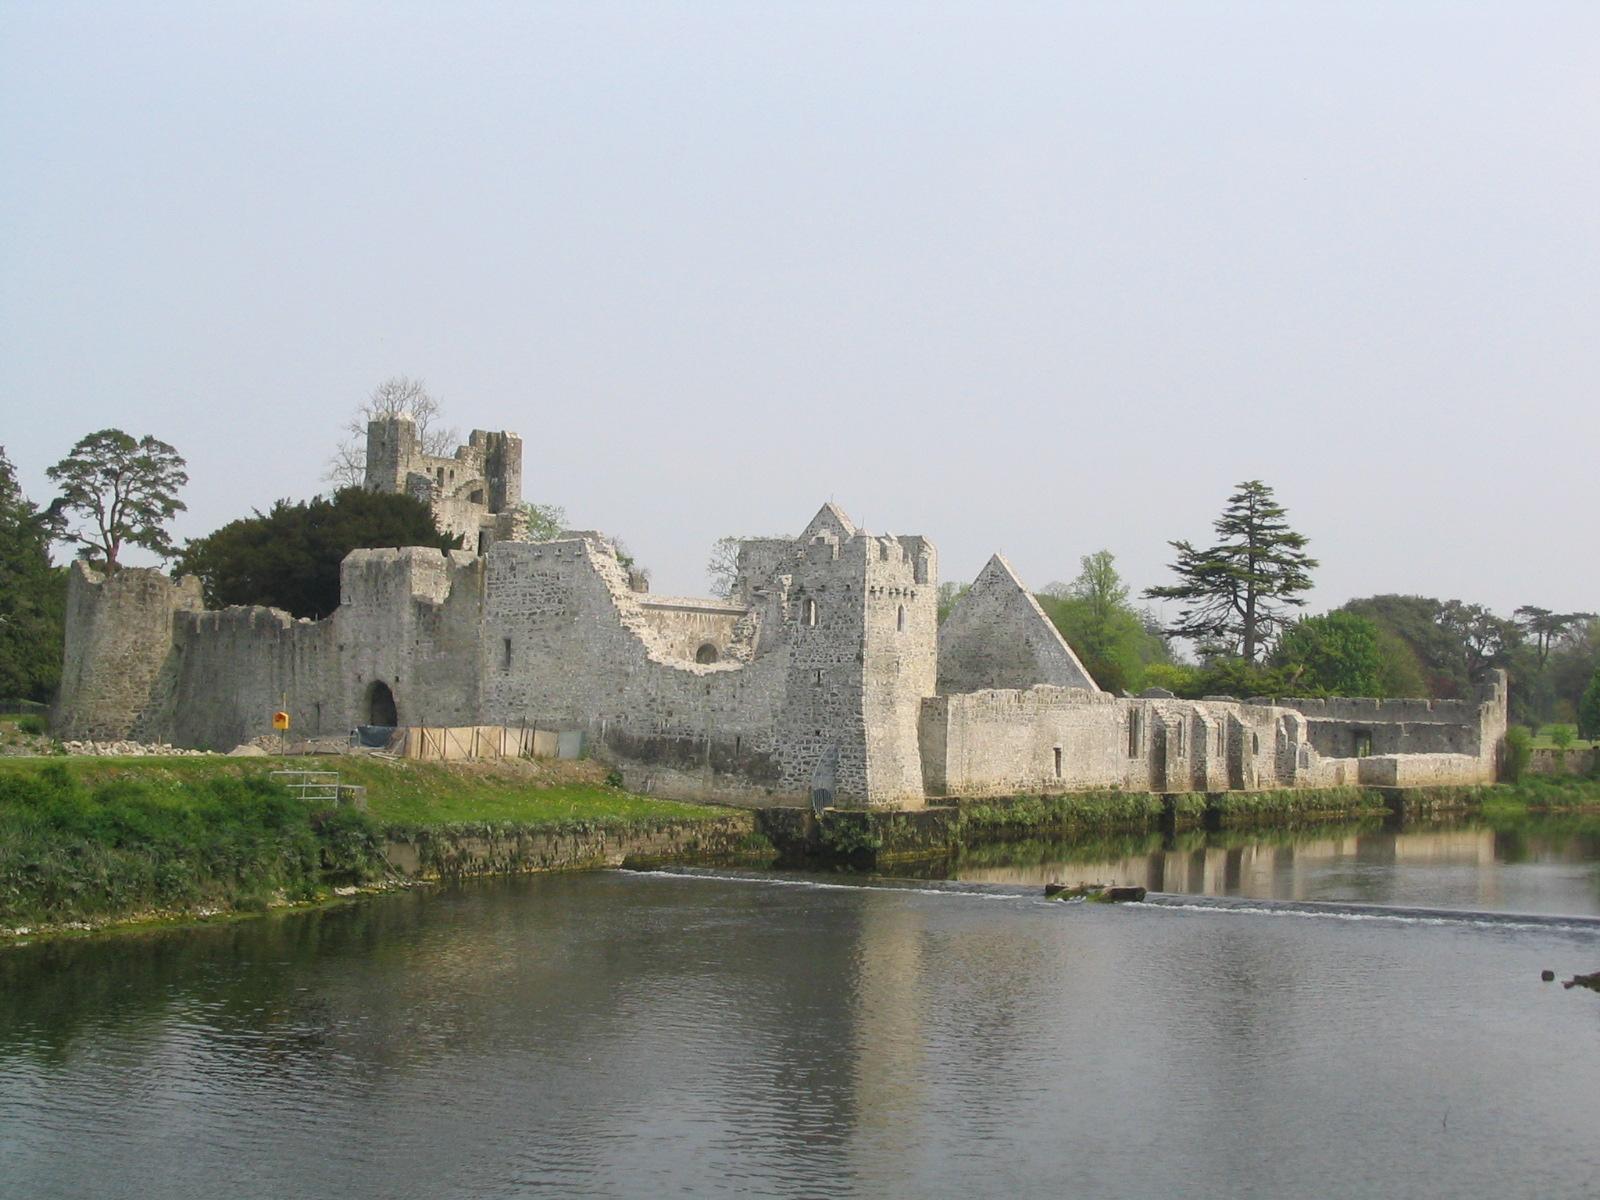 Desmond Castle, Adare